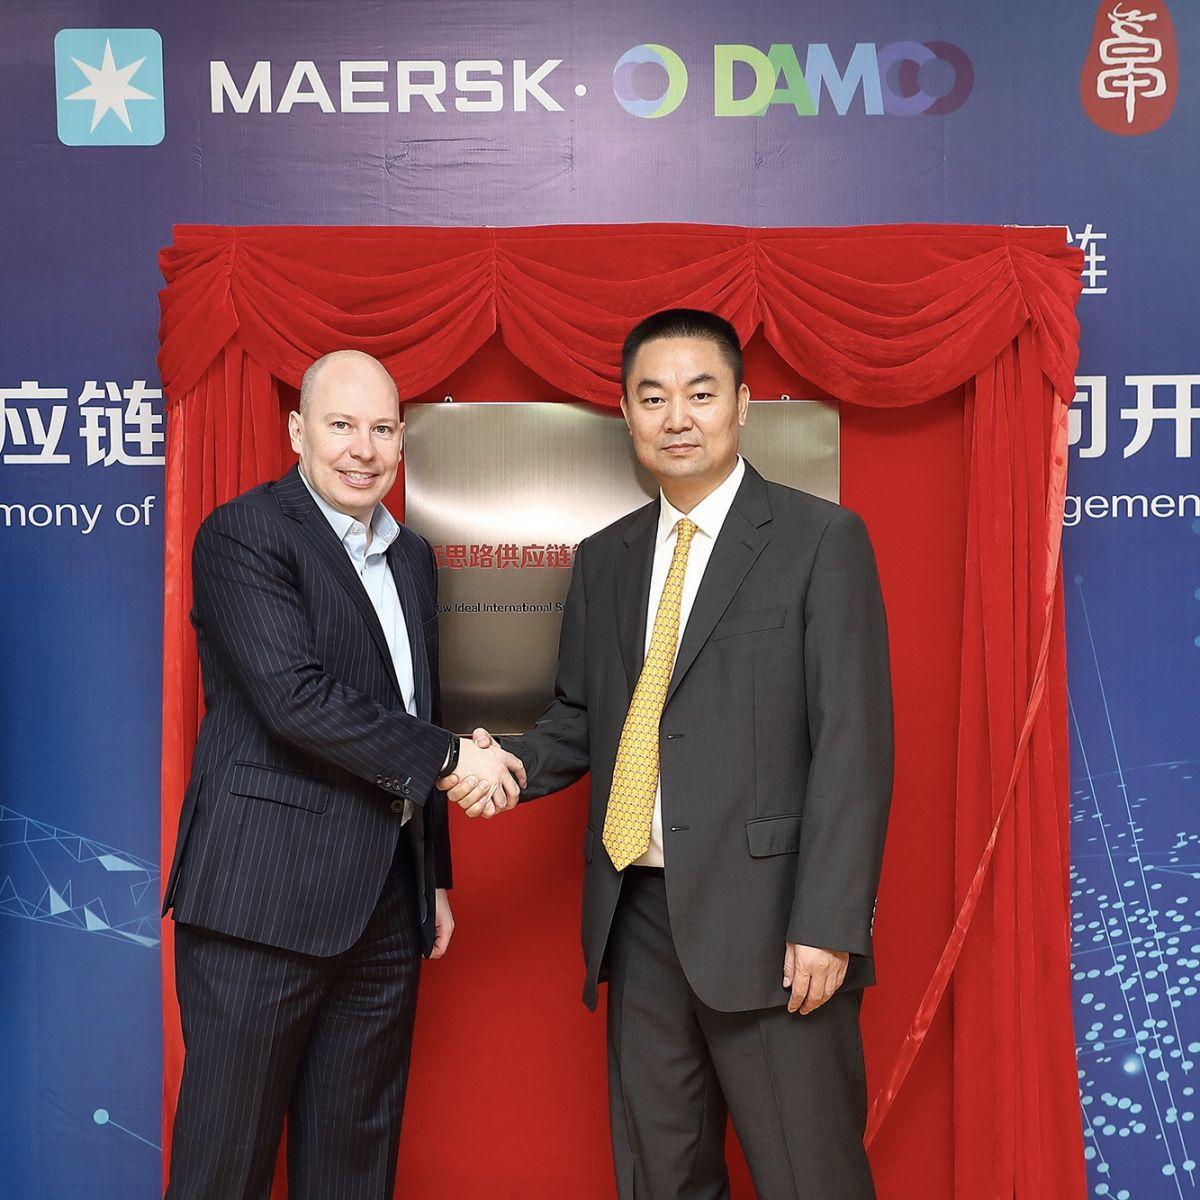 丹马士与卓志组建合资公司 加强智慧供应链合作